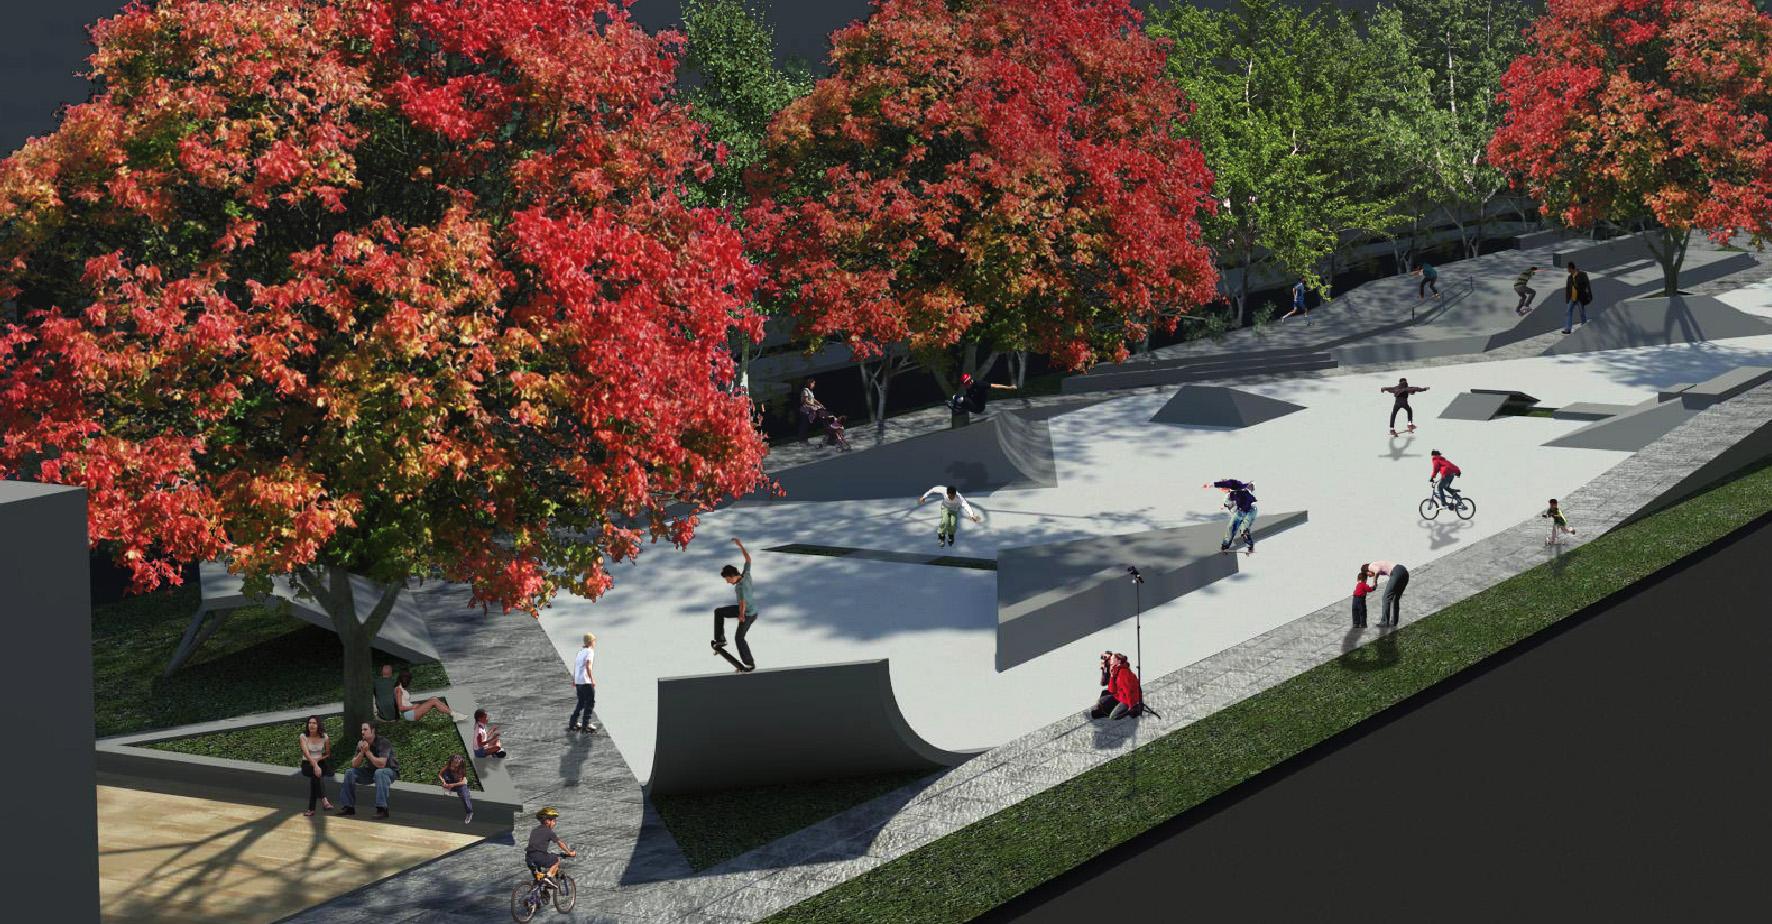 Het toekomstige skatepark aan de Westblaak, zoals dat is voorzien door de Kerngroep Westblaak.